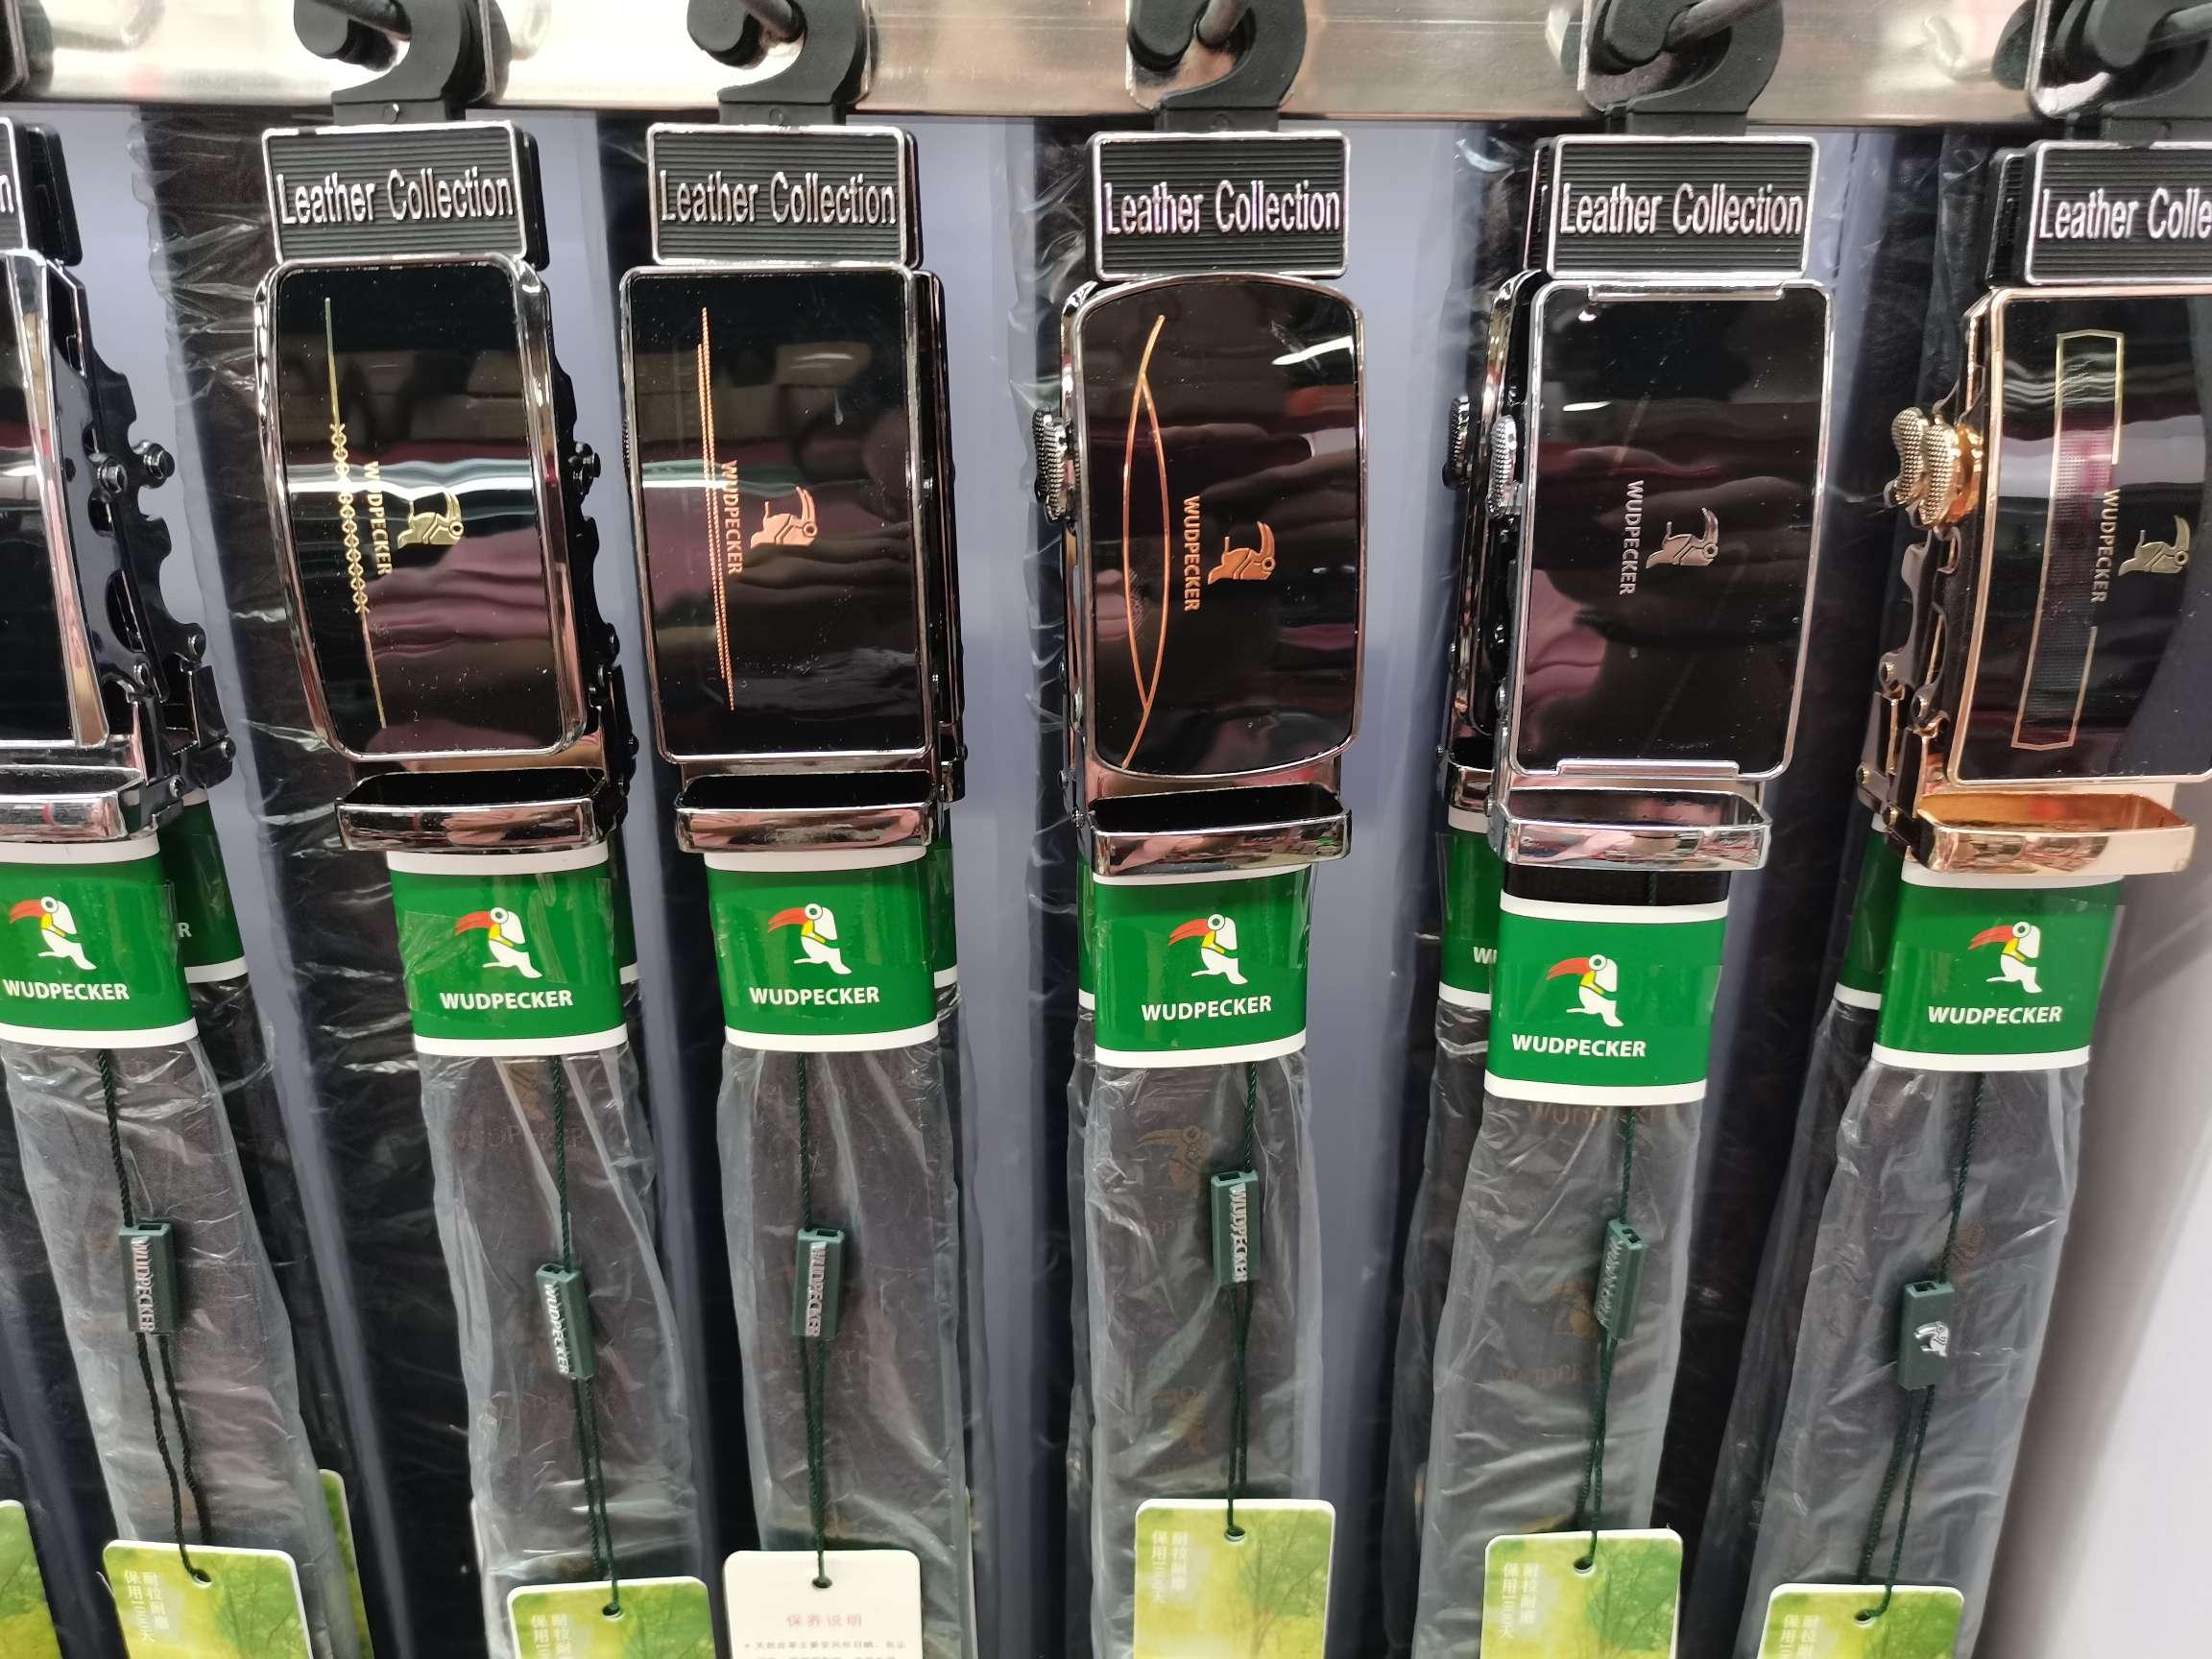 厂家直销WUDPECKER男士自动皮带经典百搭腰带